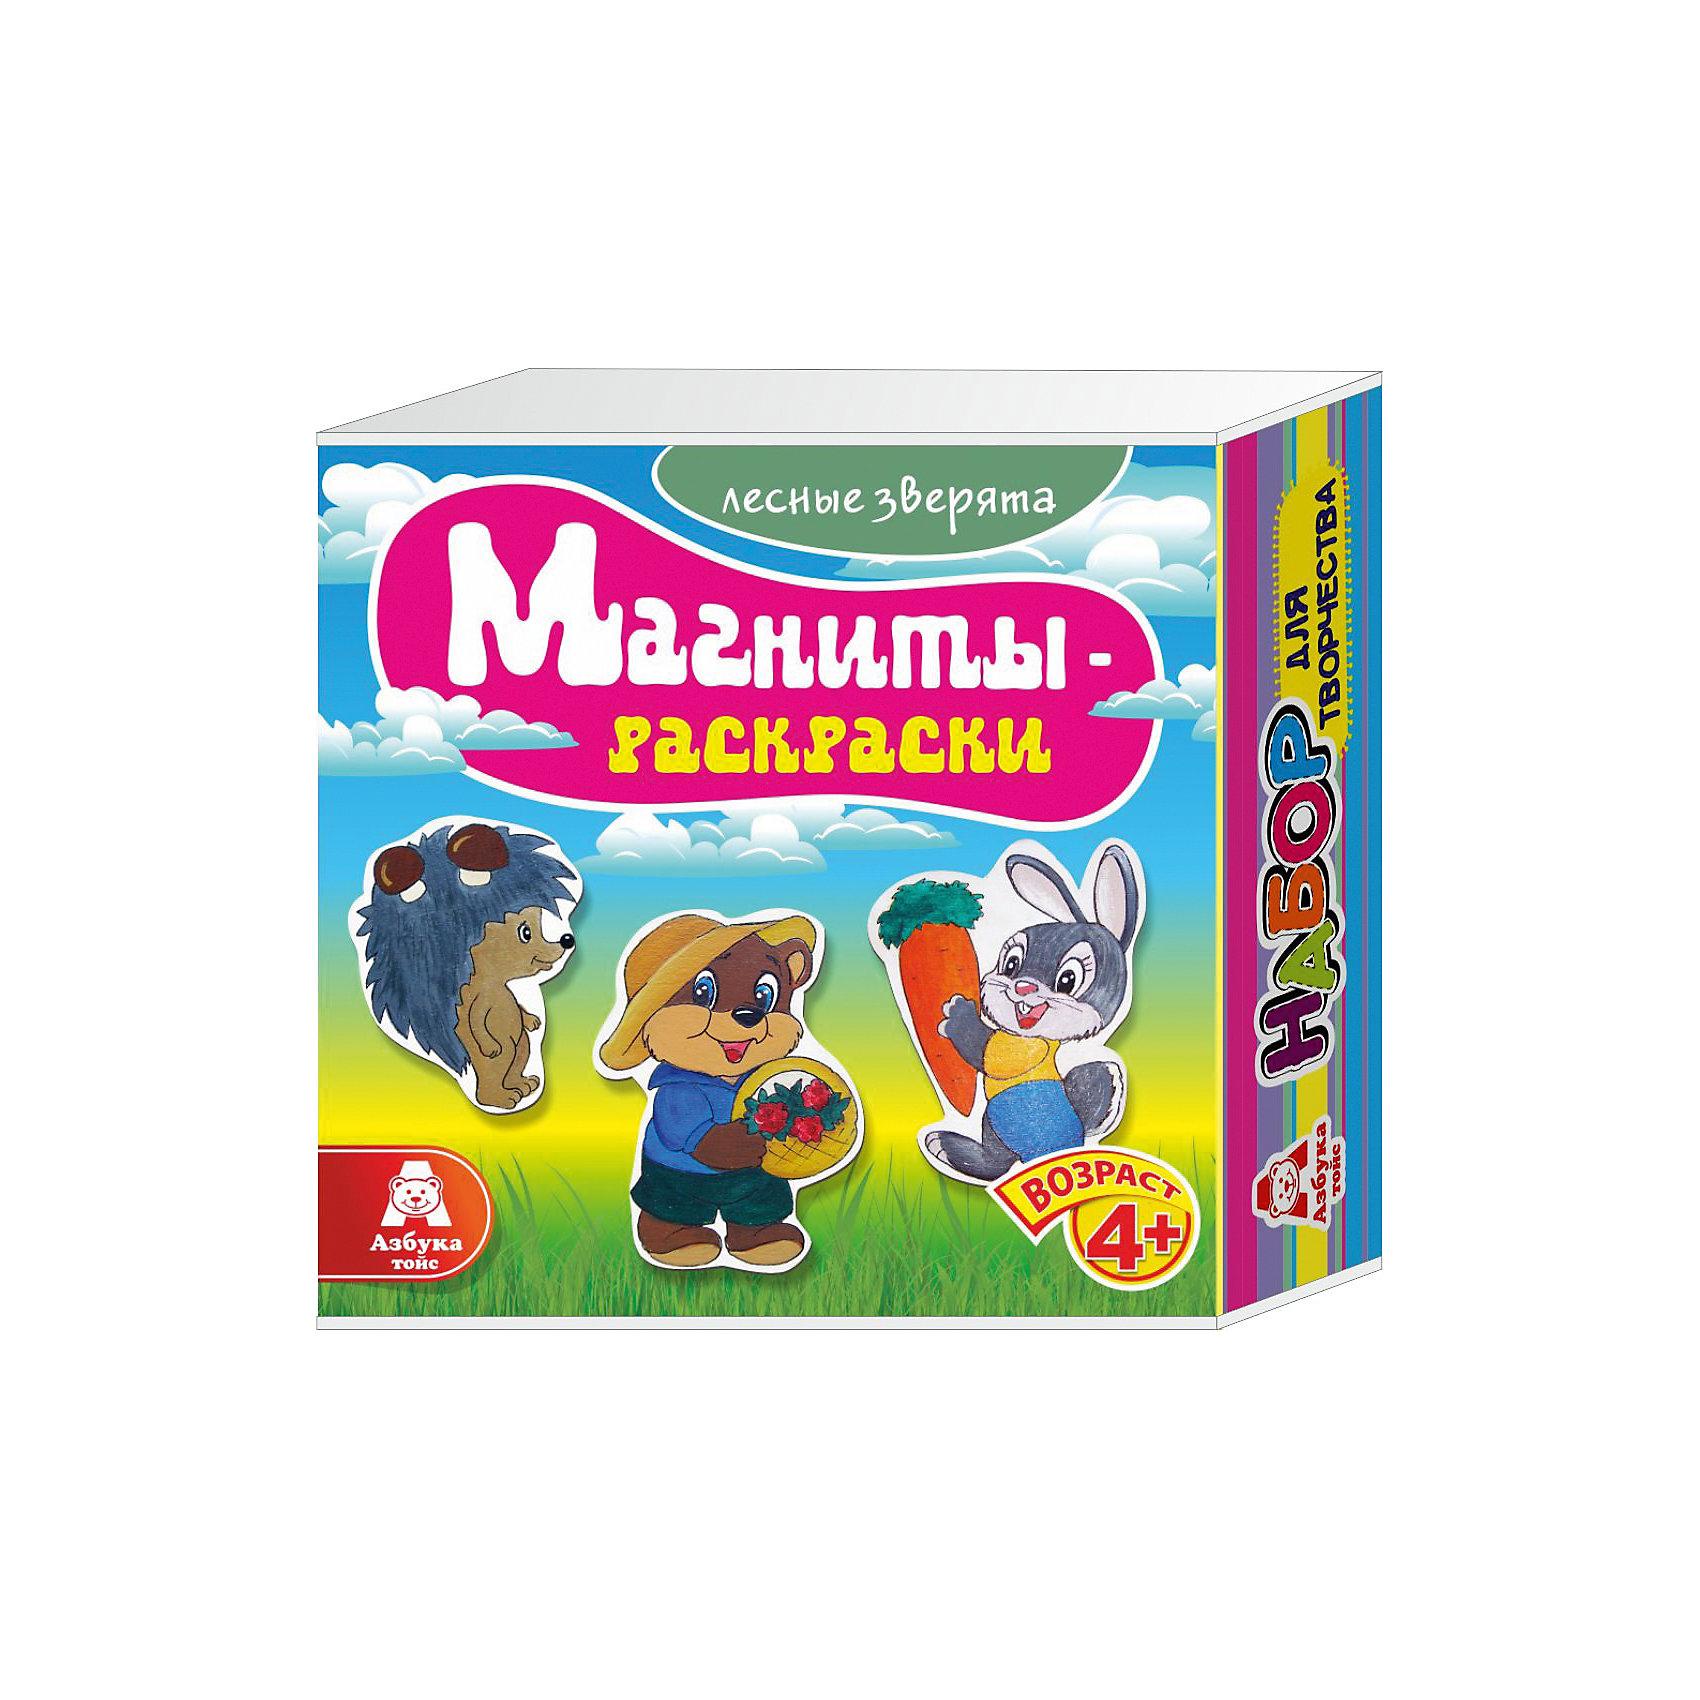 Магниты-раскраски Лесные зверятаНаборы для раскрашивания<br>Магниты-раскраски Лесные зверята.<br><br>Характеристики:<br><br>- Для детей от 4 лет<br>- В наборе: 3 деревянных элемента с изображением, набор акриловых красок из 6 цветов, кисточка, магниты, палитра, инструкция<br>- Изготовитель: ООО Азбука Тойз<br>- Сделано в России<br>- Упаковка: картонная коробка<br>- Размер упаковки: 14х5х14 см.<br>- Вес: 174 гр.<br><br>Набор магниты-раскраски Лесные зверята поможет ребенку проявить свои творческие способности и познакомиться с цветами, красками и оттенками. В наборе имеются 3 фигурки из натурального дерева в виде зайчика, ежика и медвежонка, которые нужно раскрасить красками. Фигурки можно раскрасить акриловыми красками, входящими в набор, а так же пальчиковыми красками, карандашами, пластилином или восковыми мелками. Фигурки будут хорошо держаться на холодильнике или любой другой металлической поверхности благодаря надежным магнитам. С набором для творчества магниты-раскраски Лесные зверята ваш ребенок разовьет воображение, художественные навыки и цветовосприятие.<br><br>Магниты-раскраски Лесные зверята можно купить в нашем интернет-магазине.<br><br>Ширина мм: 140<br>Глубина мм: 50<br>Высота мм: 140<br>Вес г: 174<br>Возраст от месяцев: 48<br>Возраст до месяцев: 108<br>Пол: Унисекс<br>Возраст: Детский<br>SKU: 5062918